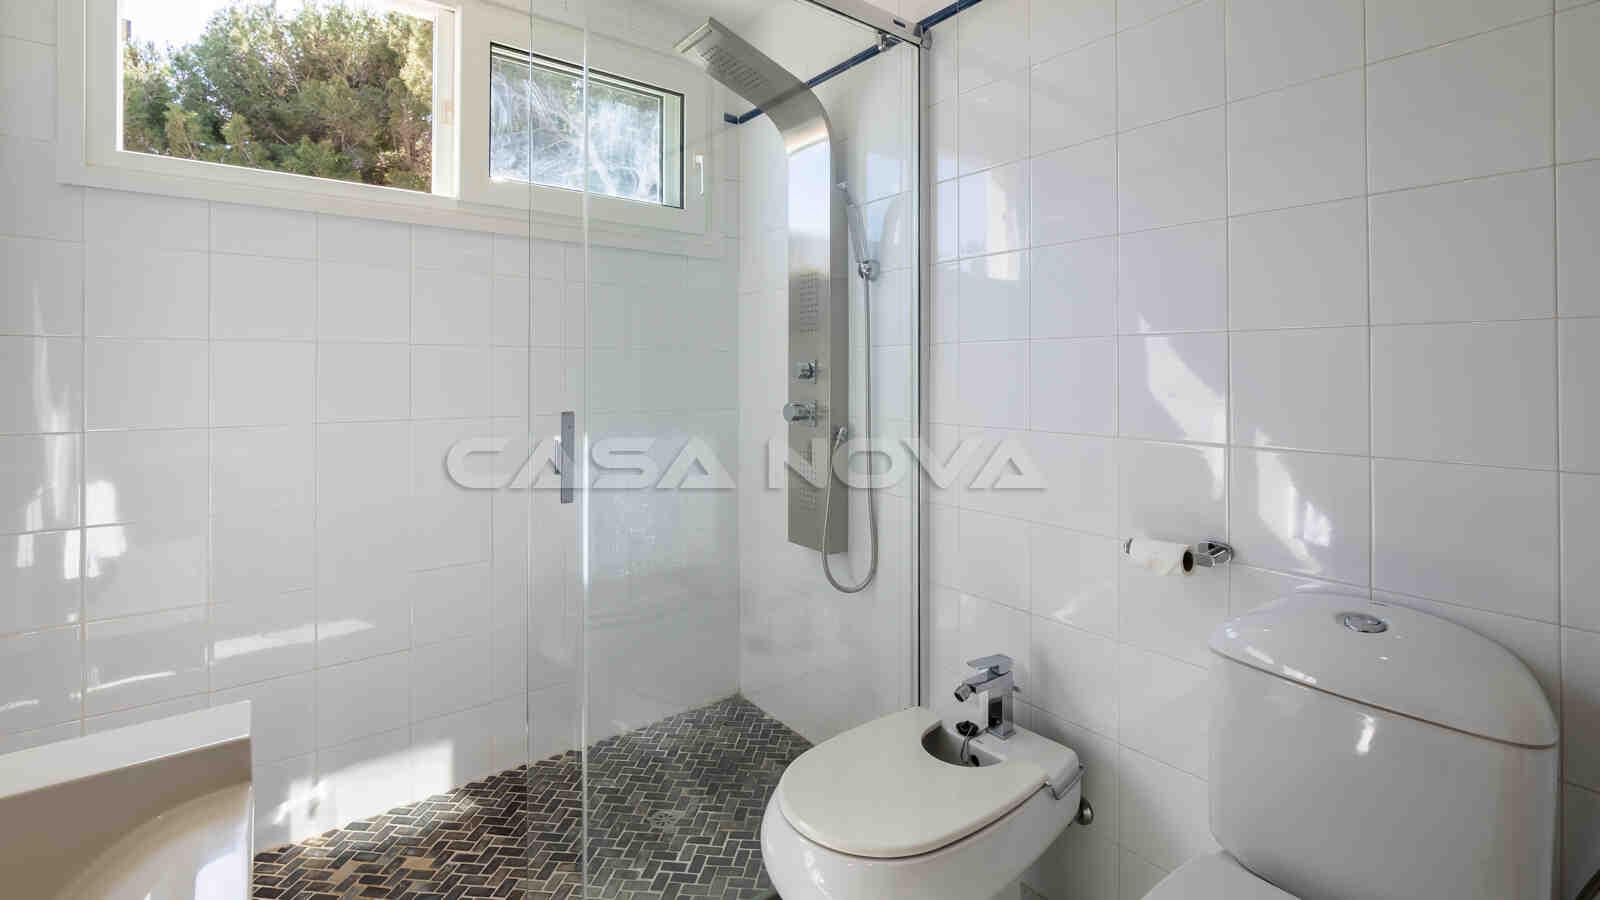 Modernes Badezimmer mit hochwertiger Ausstattung